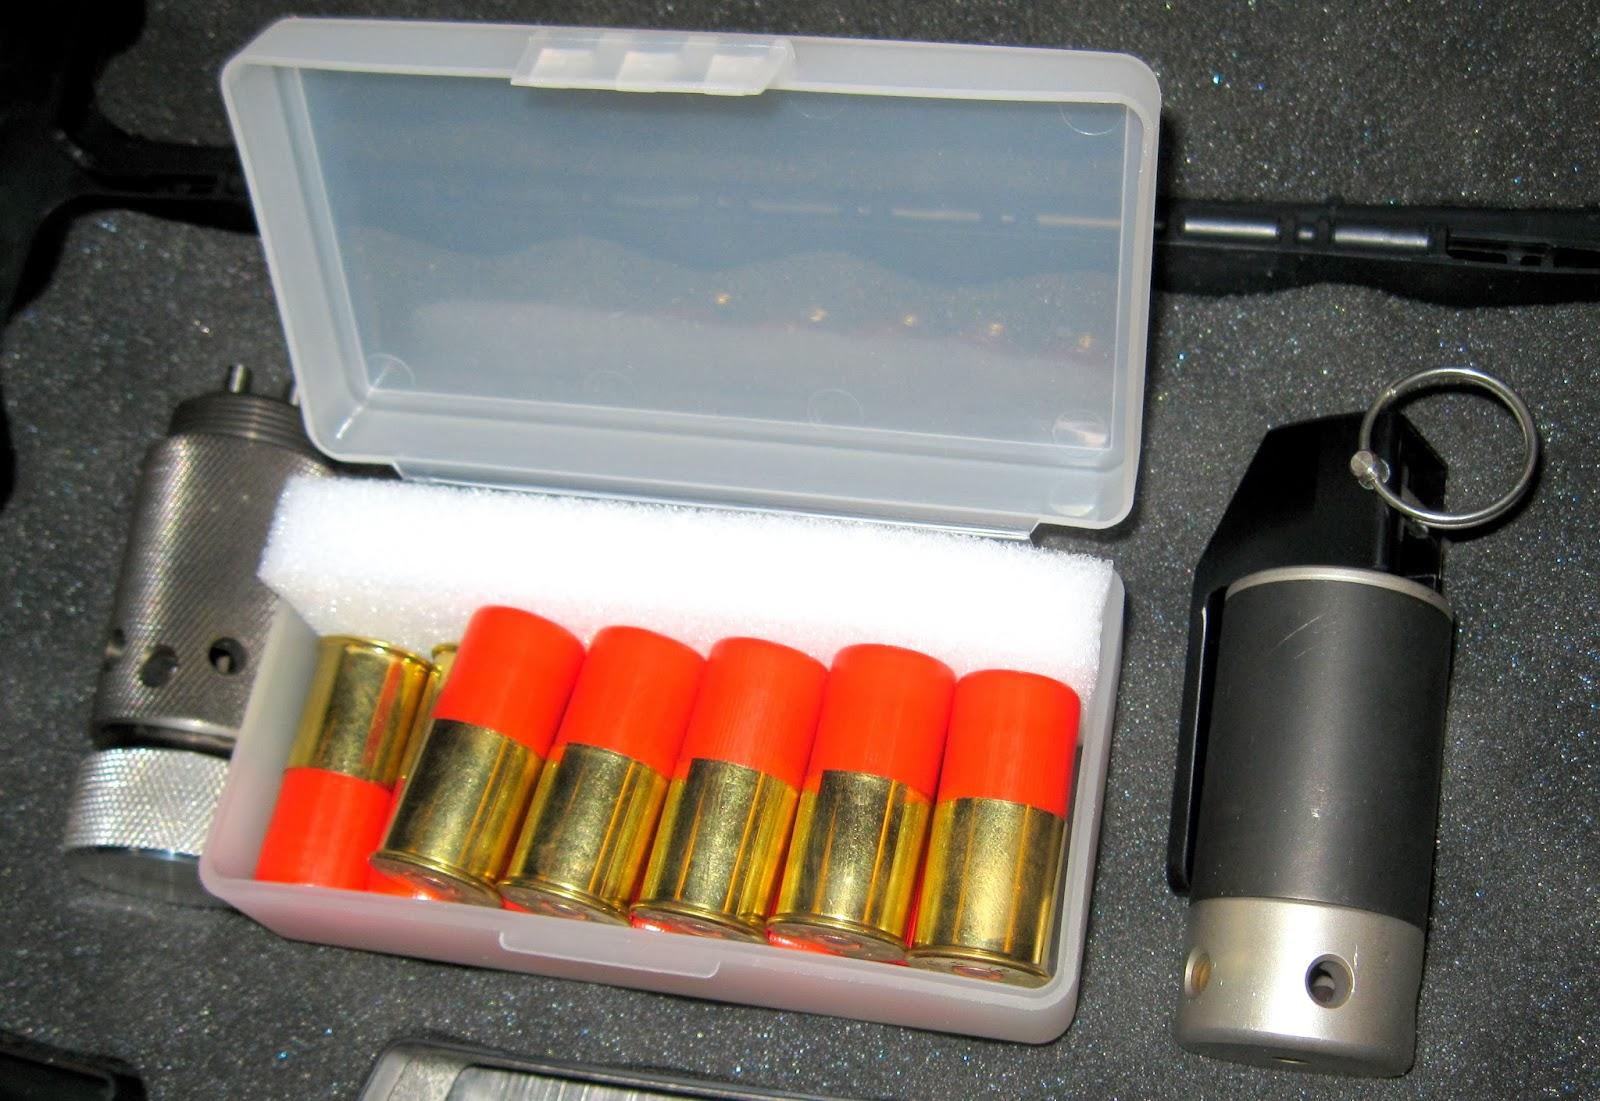 Grenade Simulator (PWM)